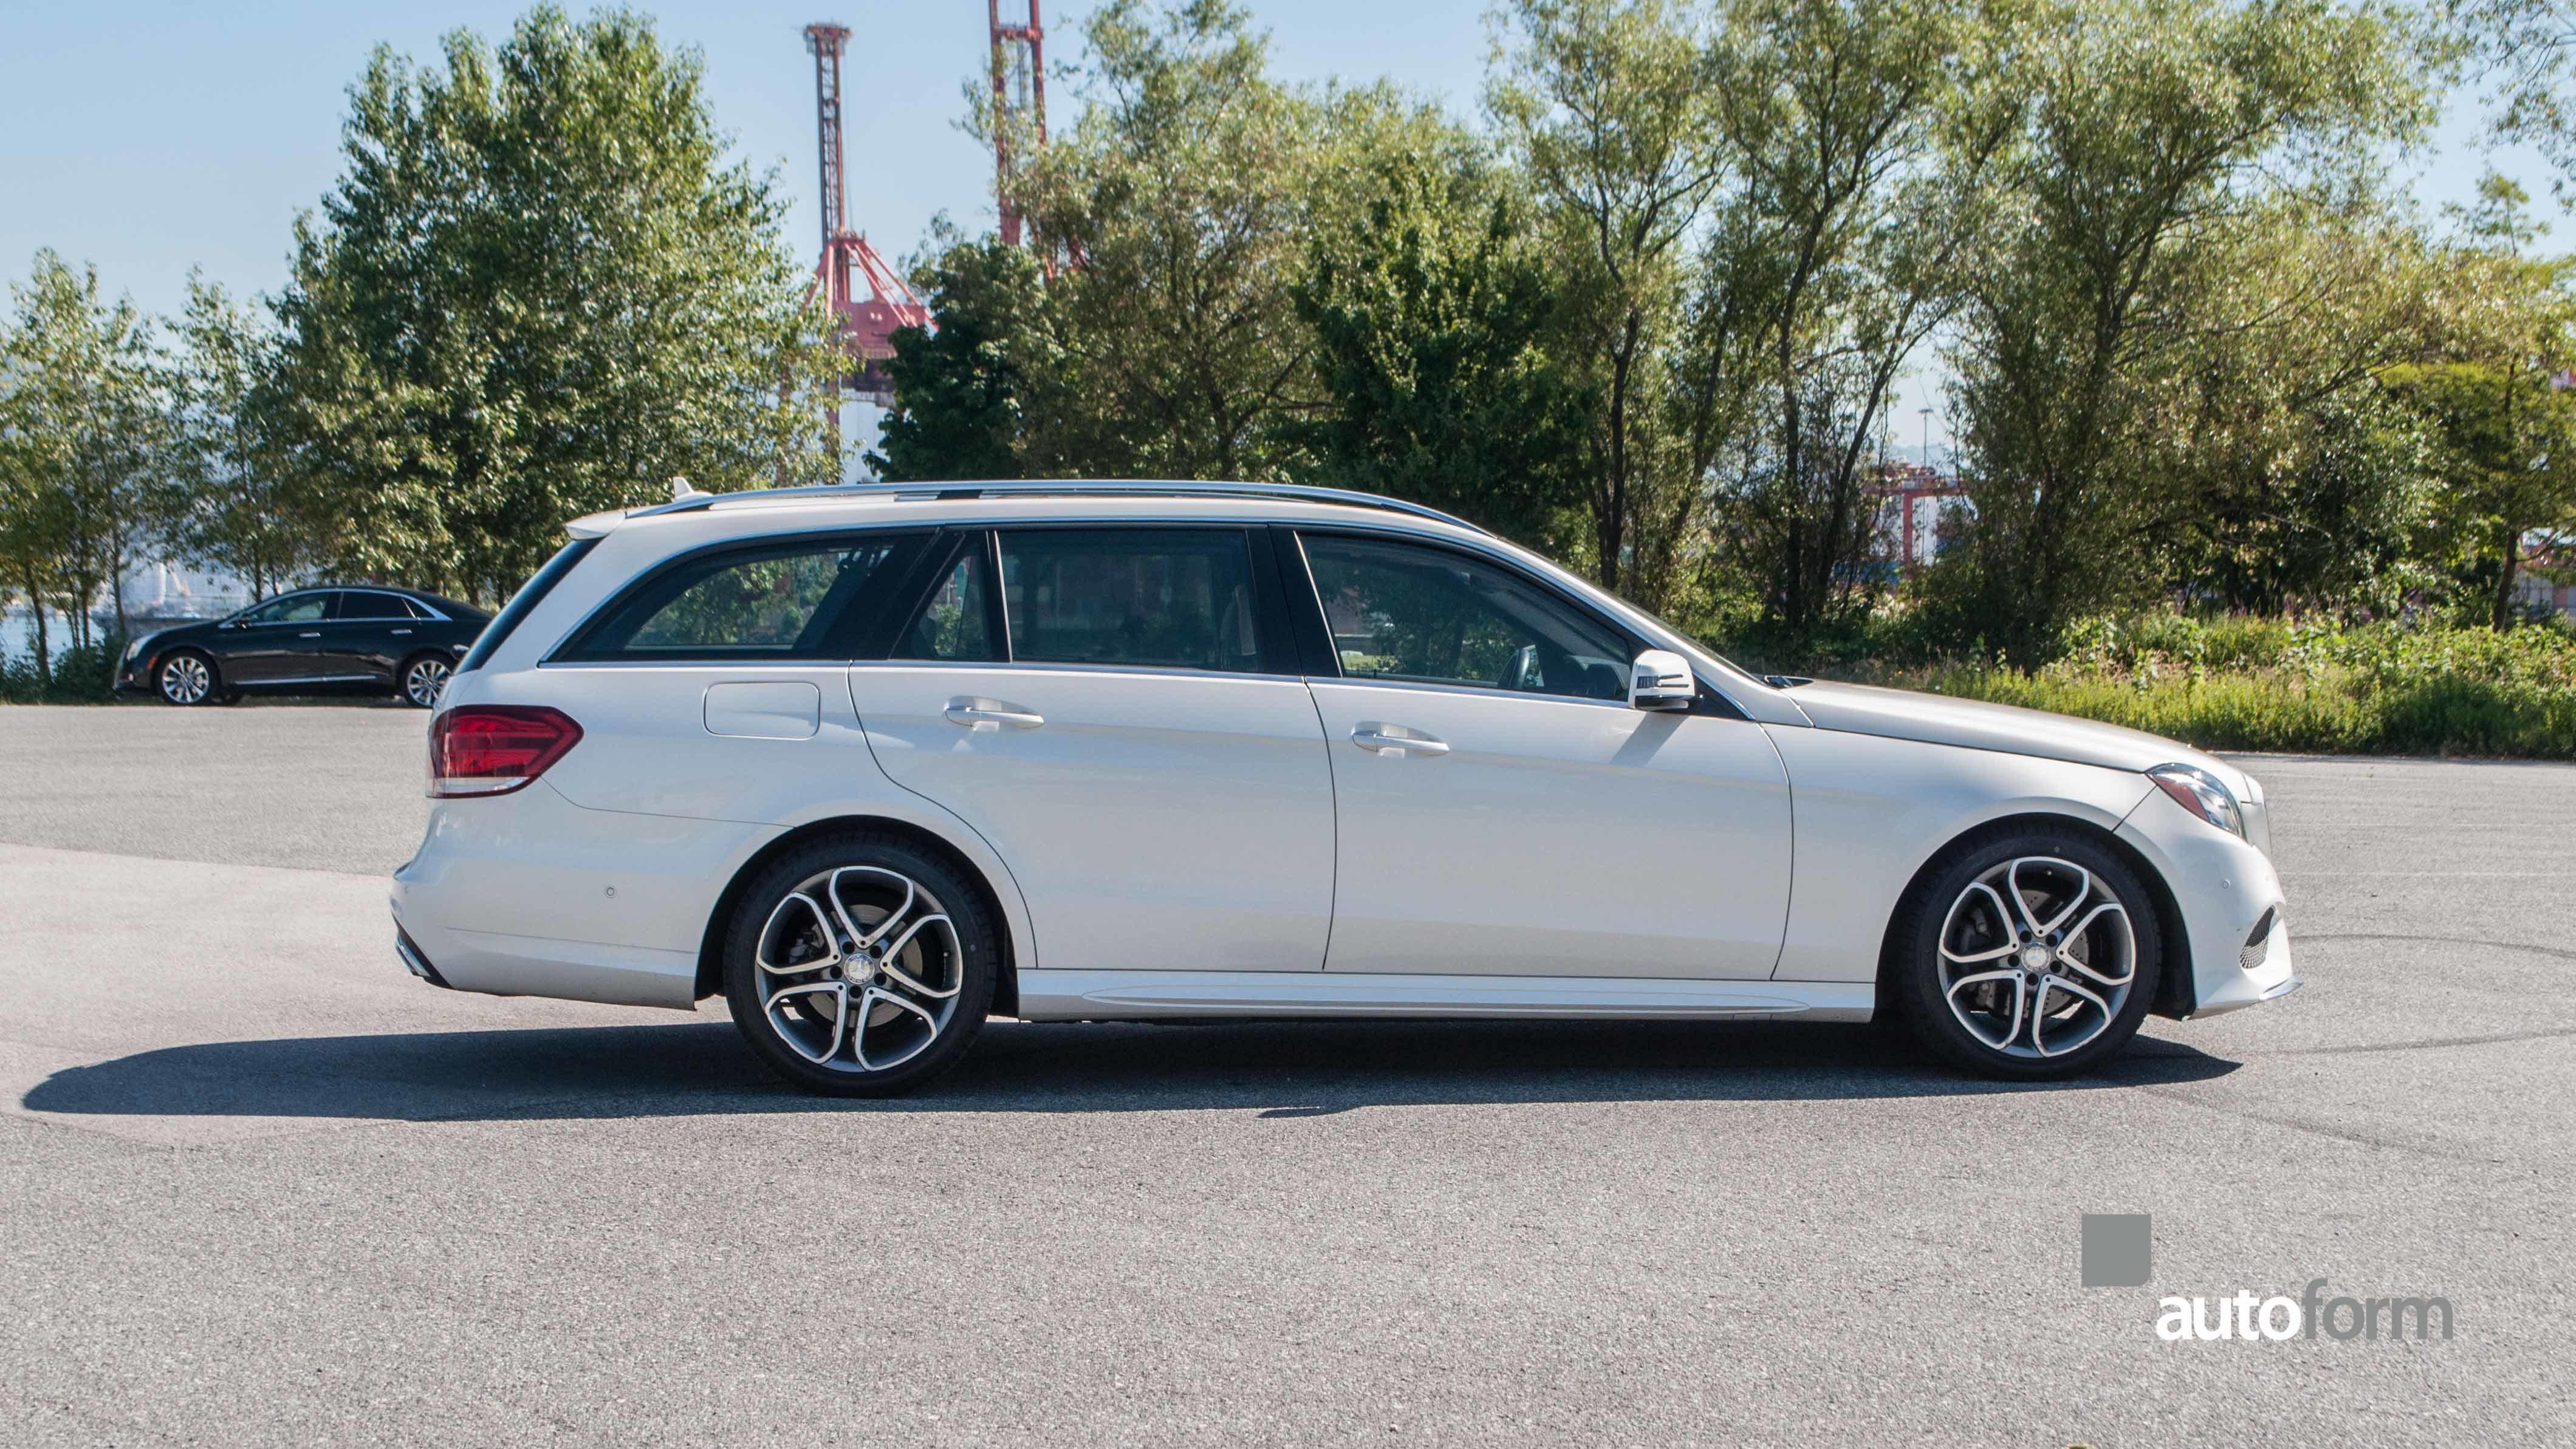 2014 mercedes benz e350 wagon autoform for Mercedes benz e 350 2014